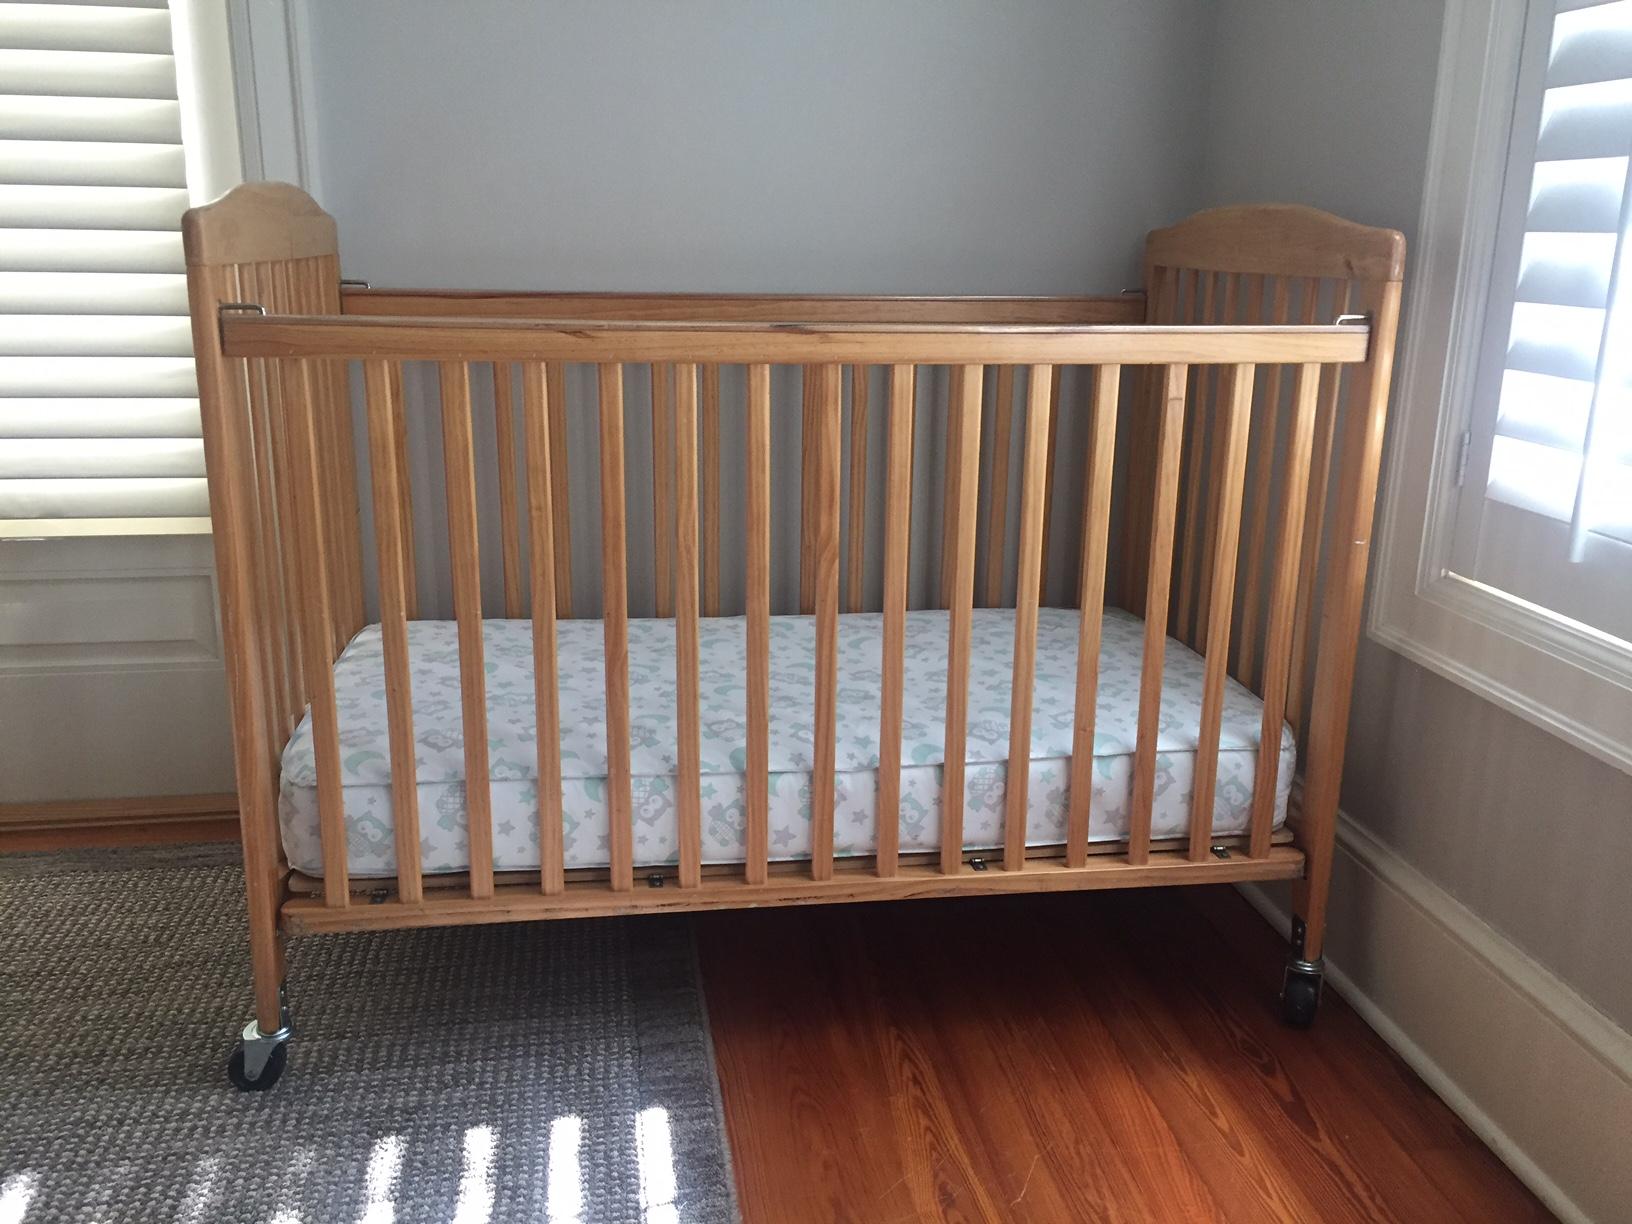 Destin Florida 30a Coastal Crib Rentals Full Size Crib Rentals